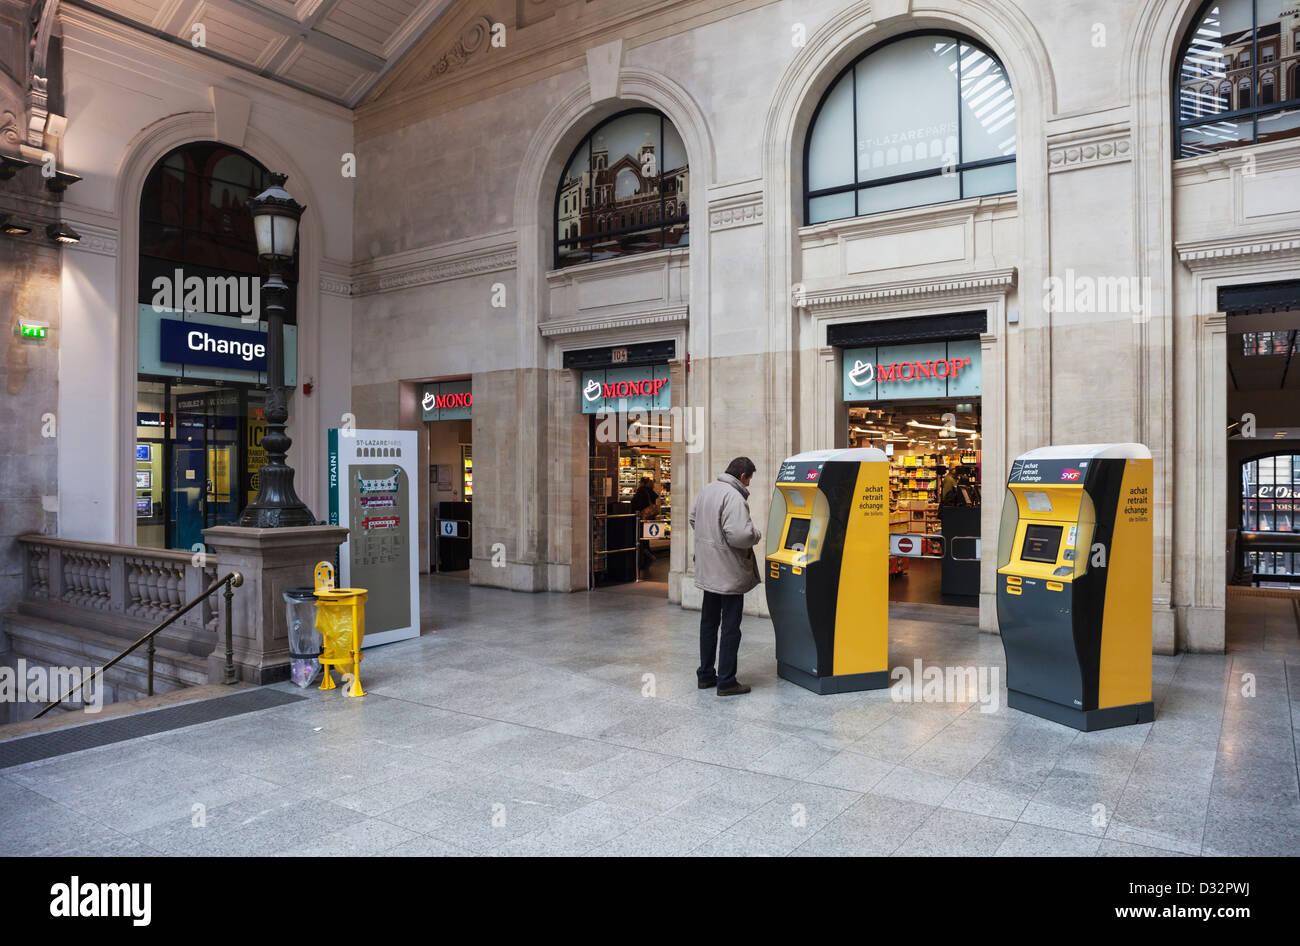 La gare la gare st lazare à paris avec les distributeurs de